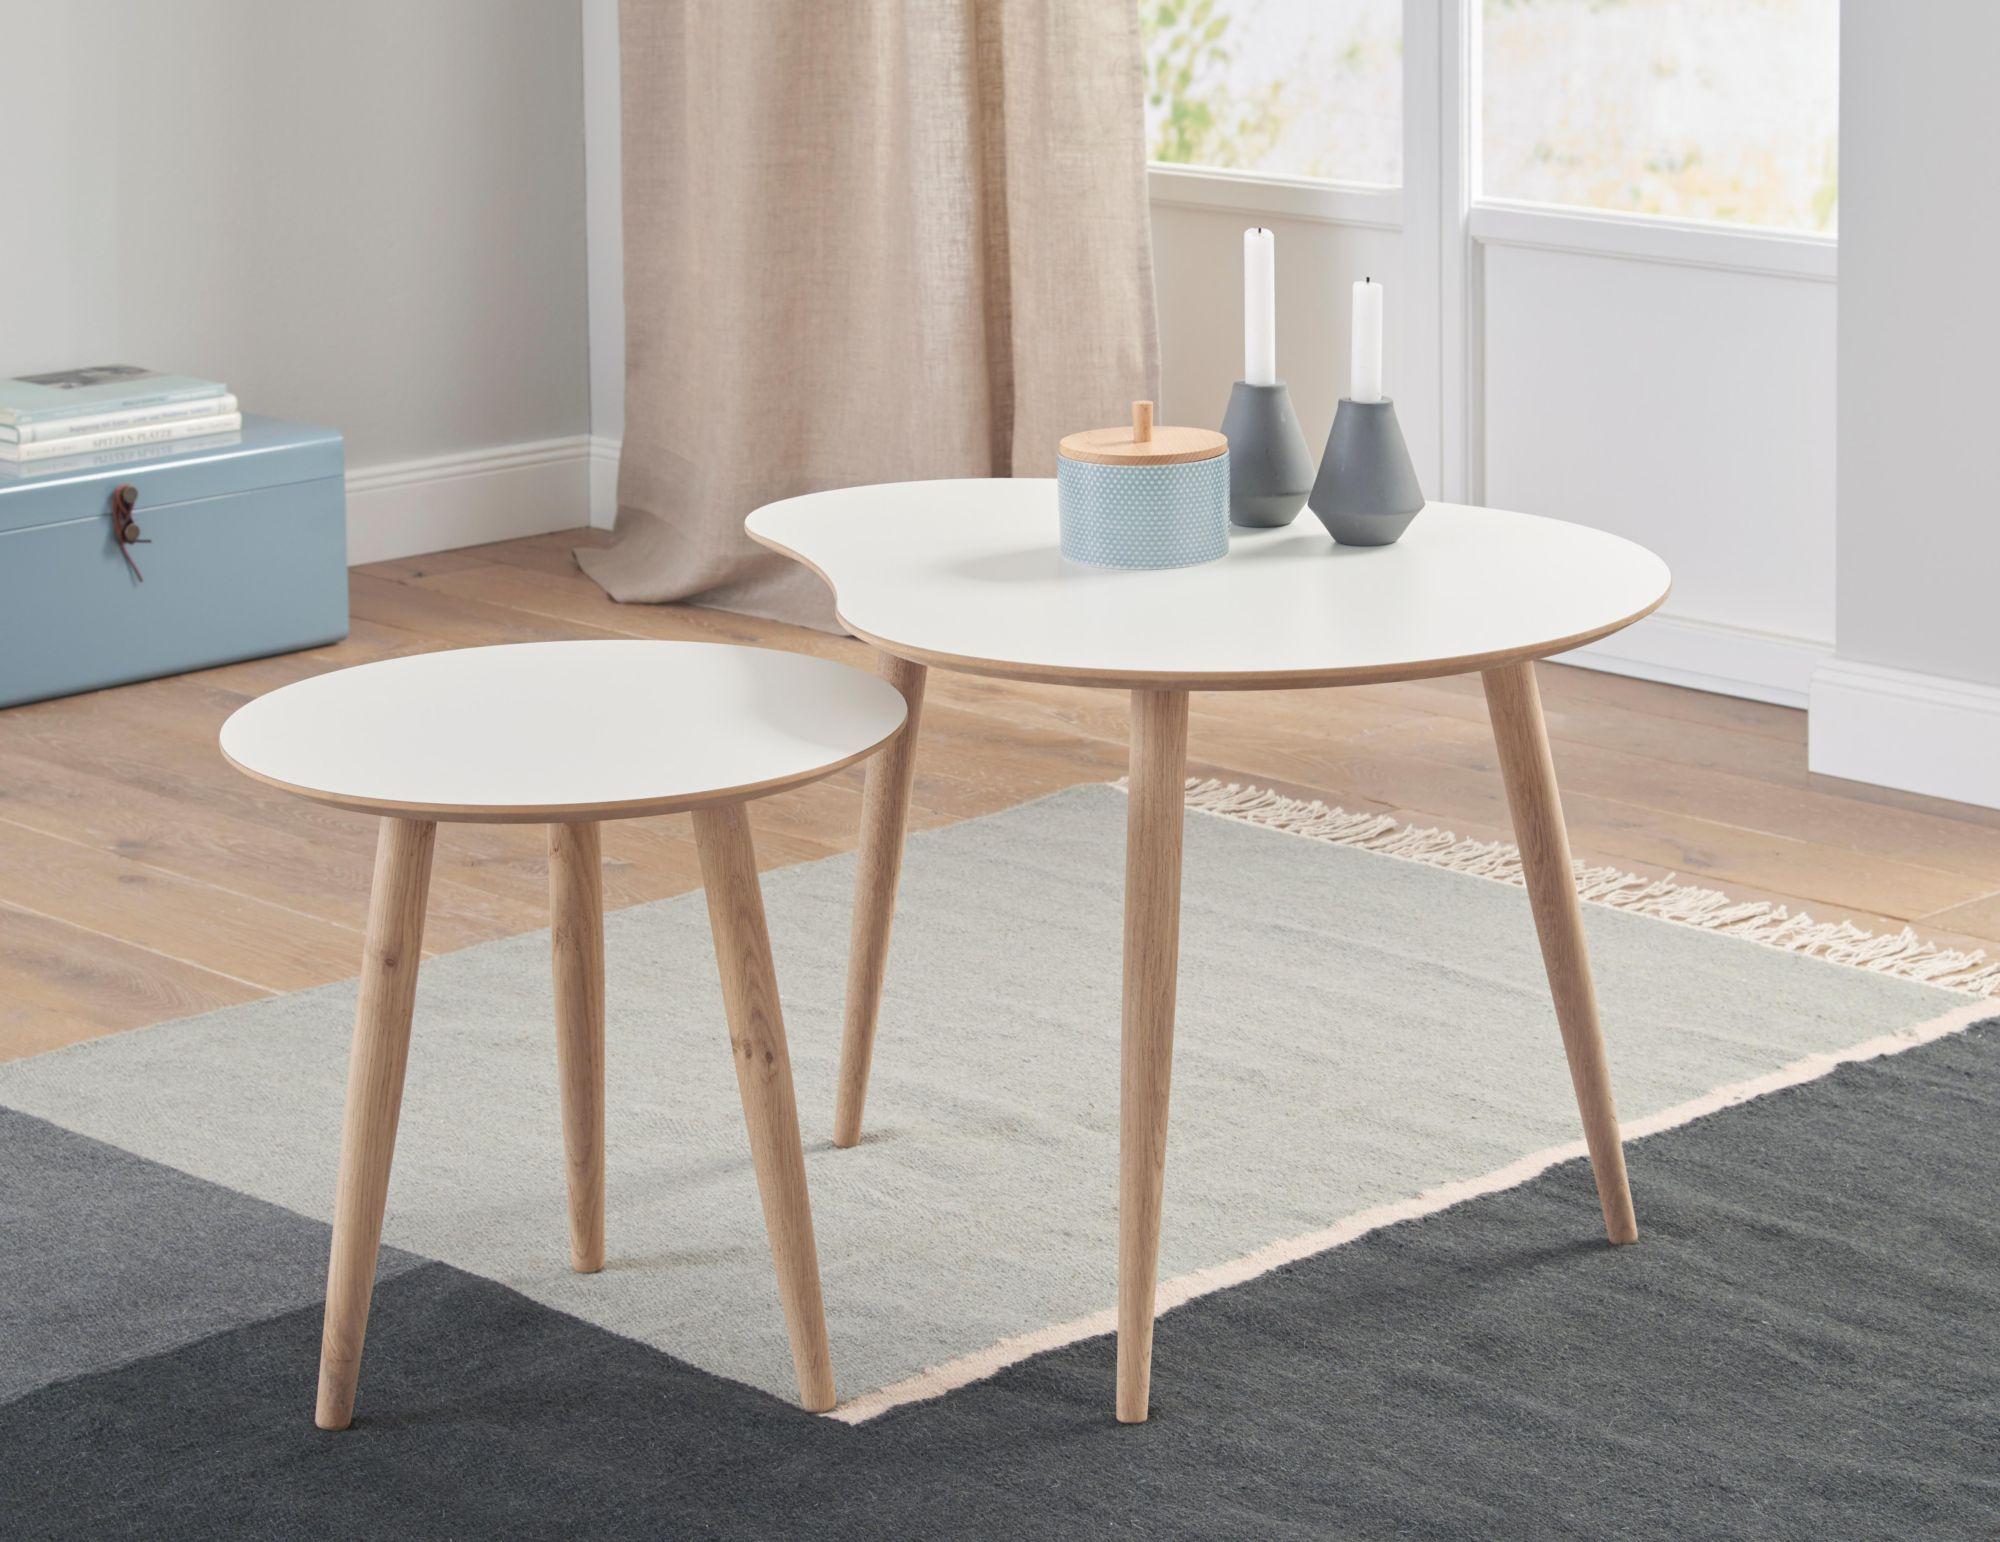 ANDAS andas Couchtisch-Set «Yvonne», Set aus 1 rundem und 1 nierenförmigem Tisch, 2 Größen zur Auswahl